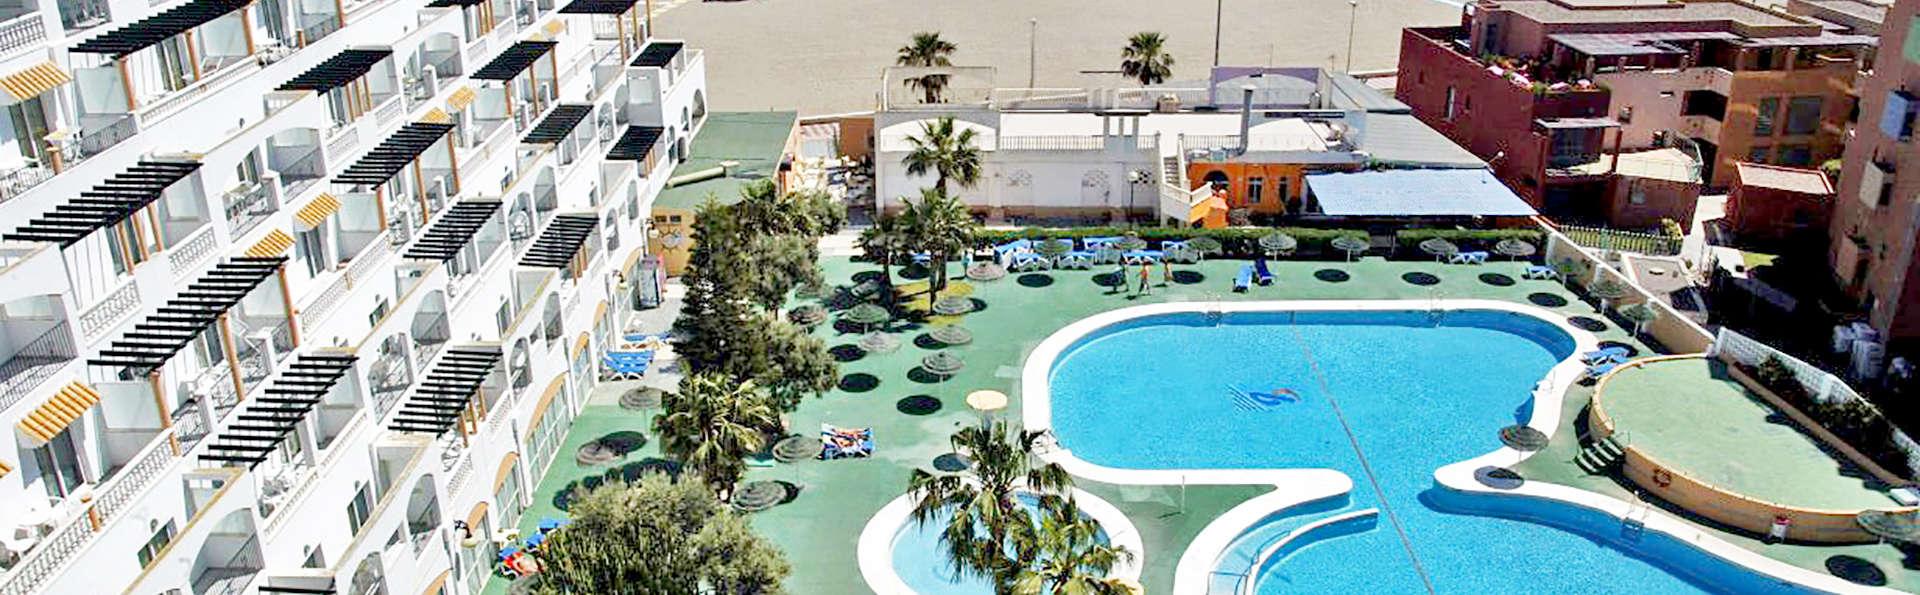 Hotel Bahía Serena - Edit_View.jpg